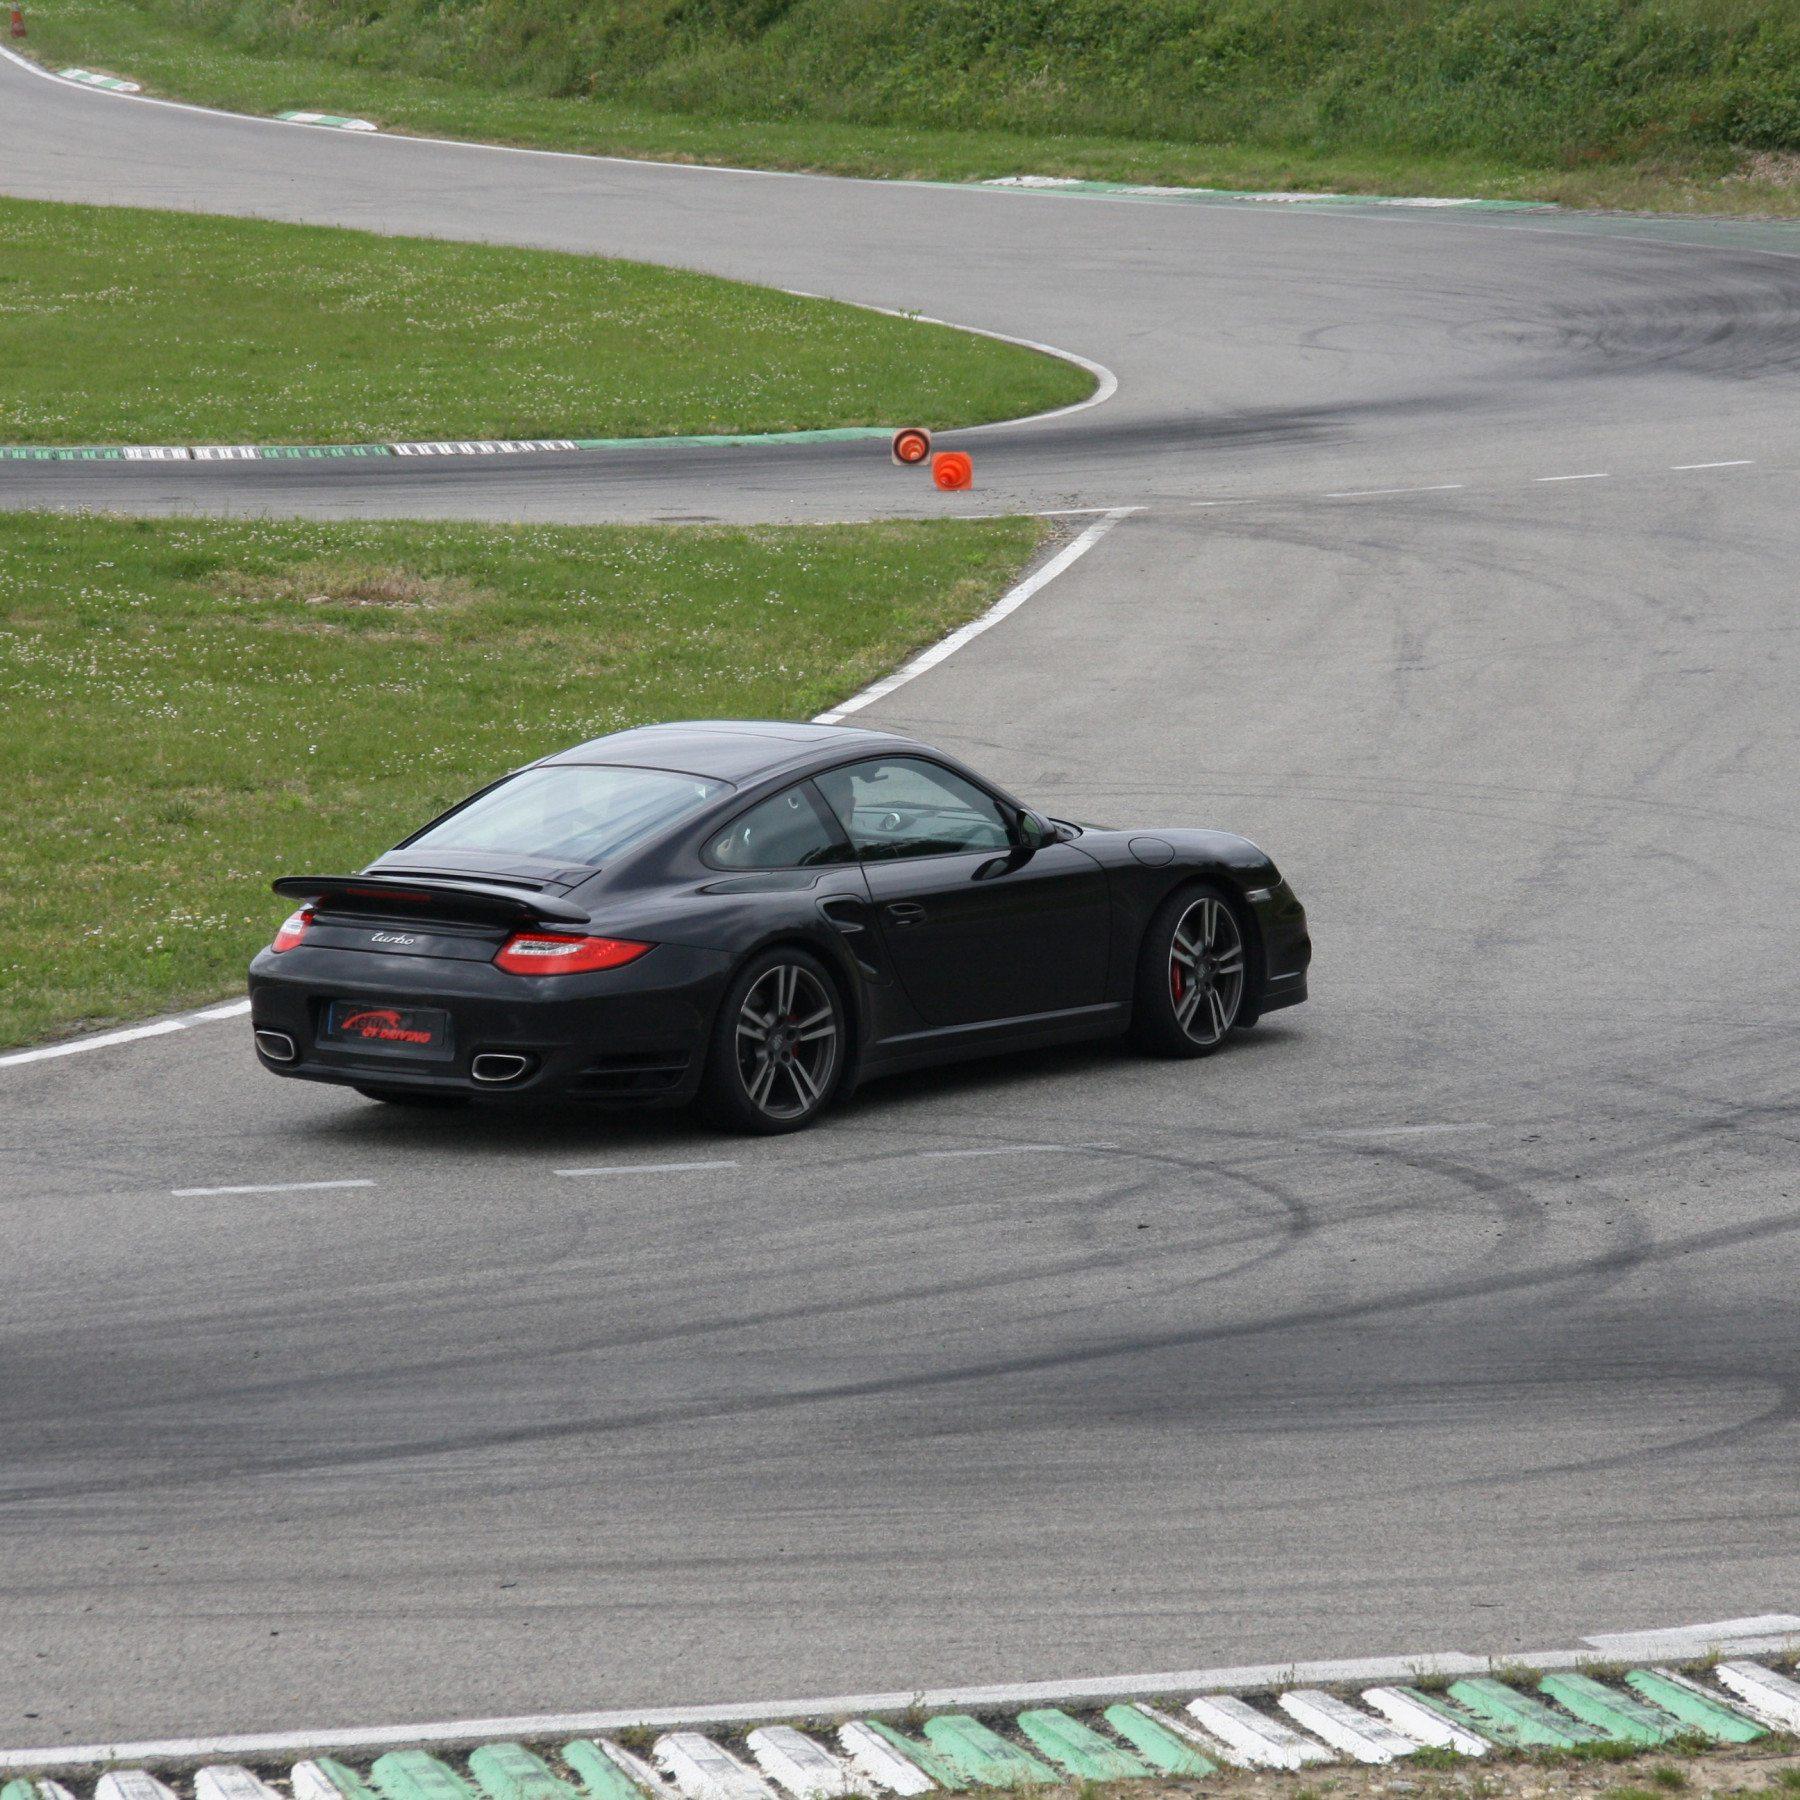 Guida una Porsche 997 BiTurbo da 99 € - Lombardore (TO) - 1